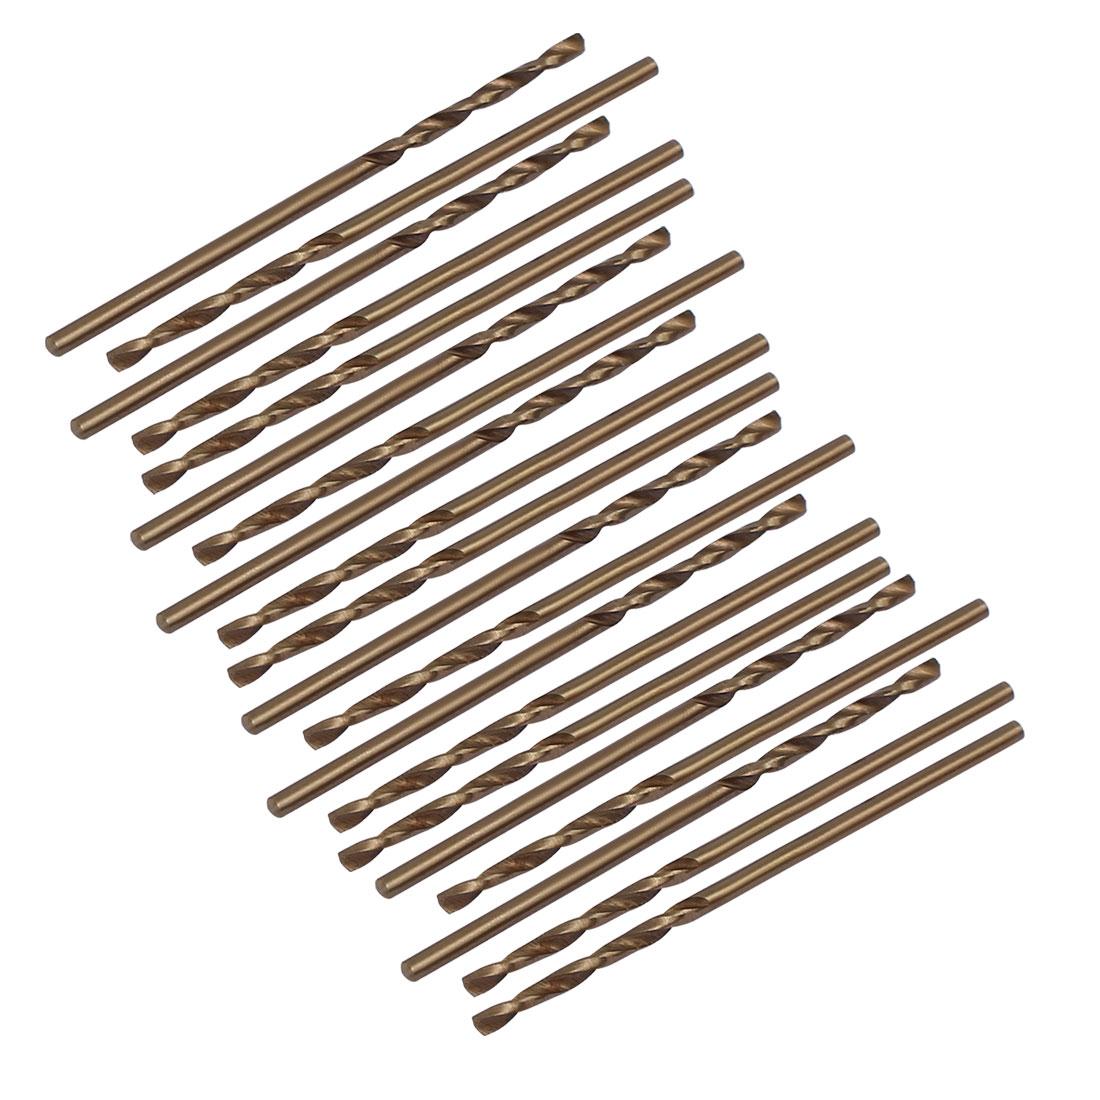 1.3mm Dia Split Point HSS Cobalt Metric Twist Drill Bit Drilling Tool 20pcs